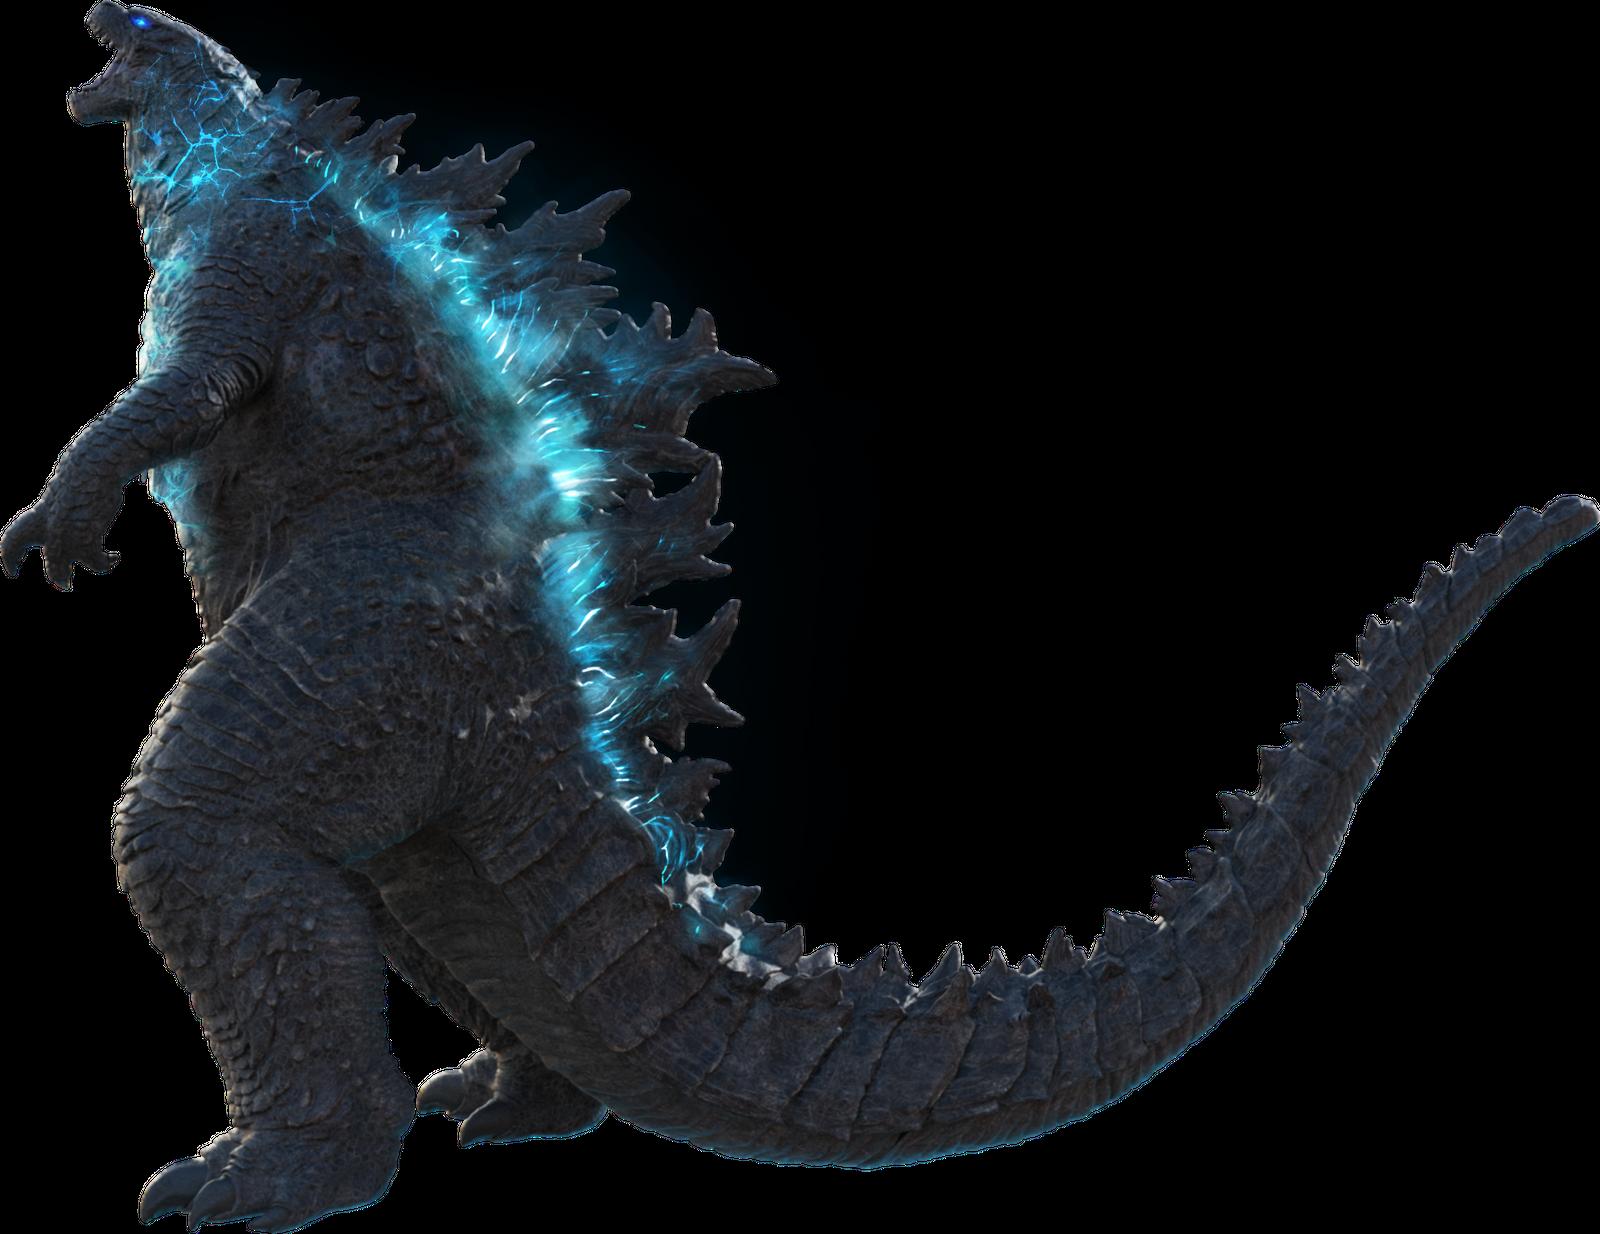 Super Godzilla Png By Awesomeness360 On Deviantart Godzilla Toys Godzilla Tattoo Godzilla